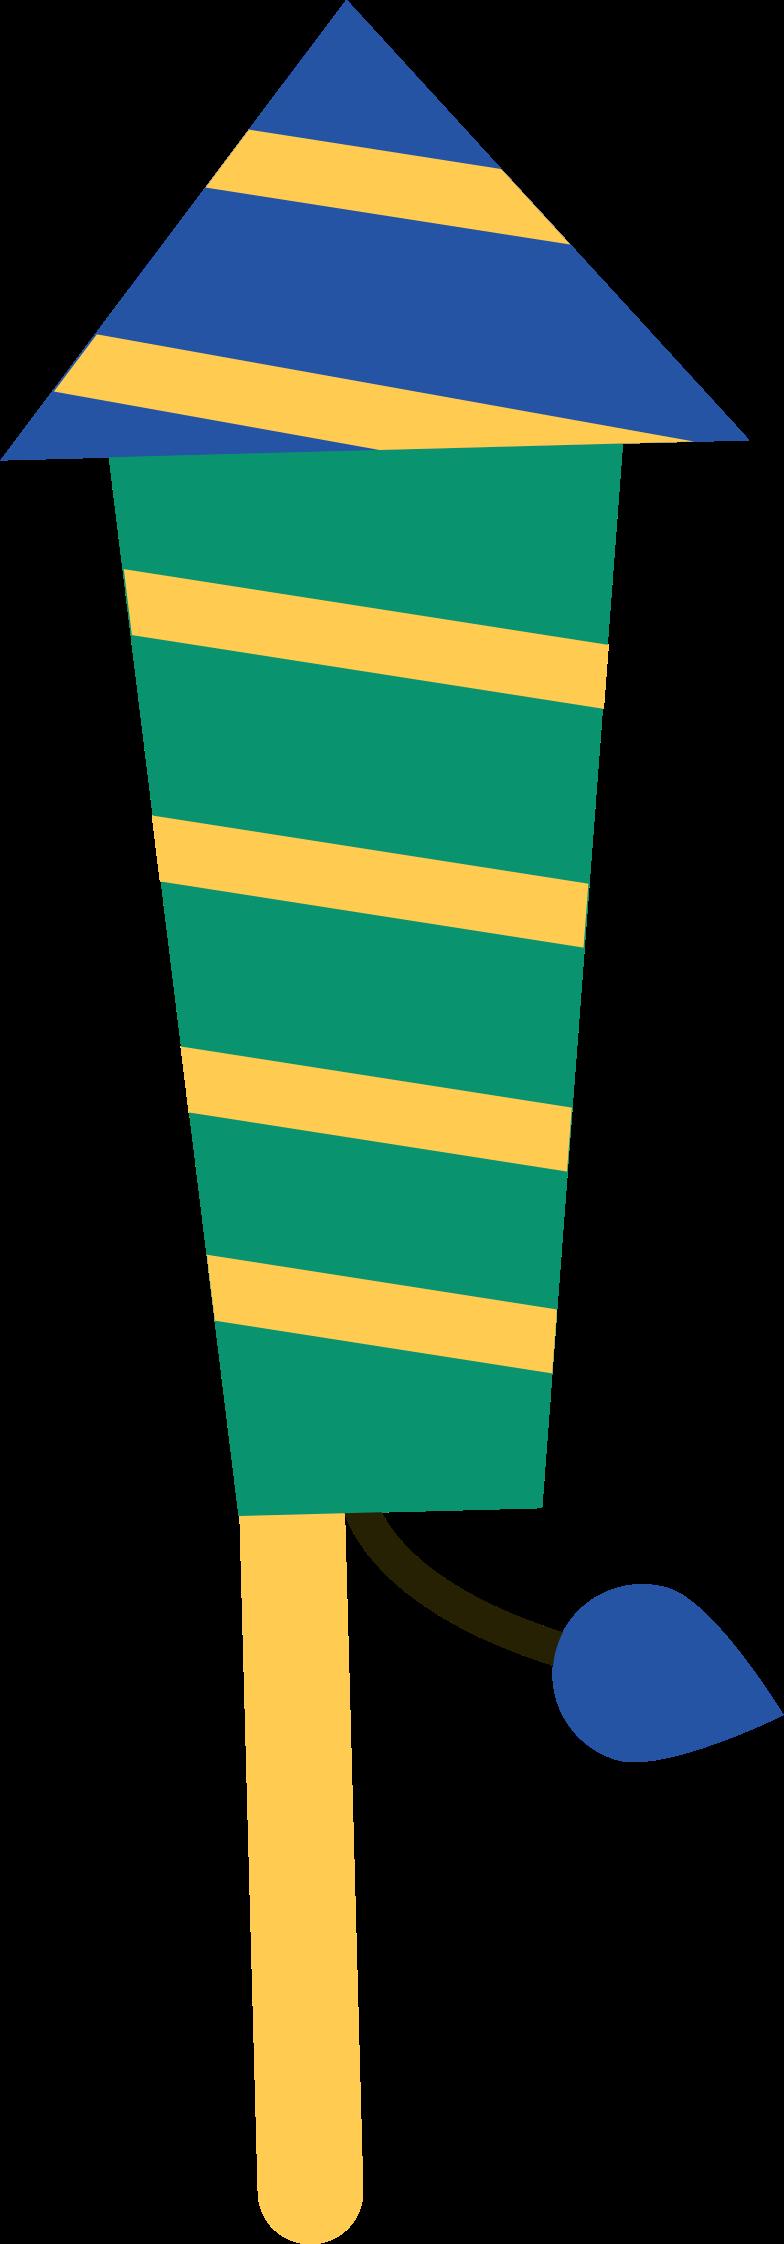 rocket salute Clipart illustration in PNG, SVG